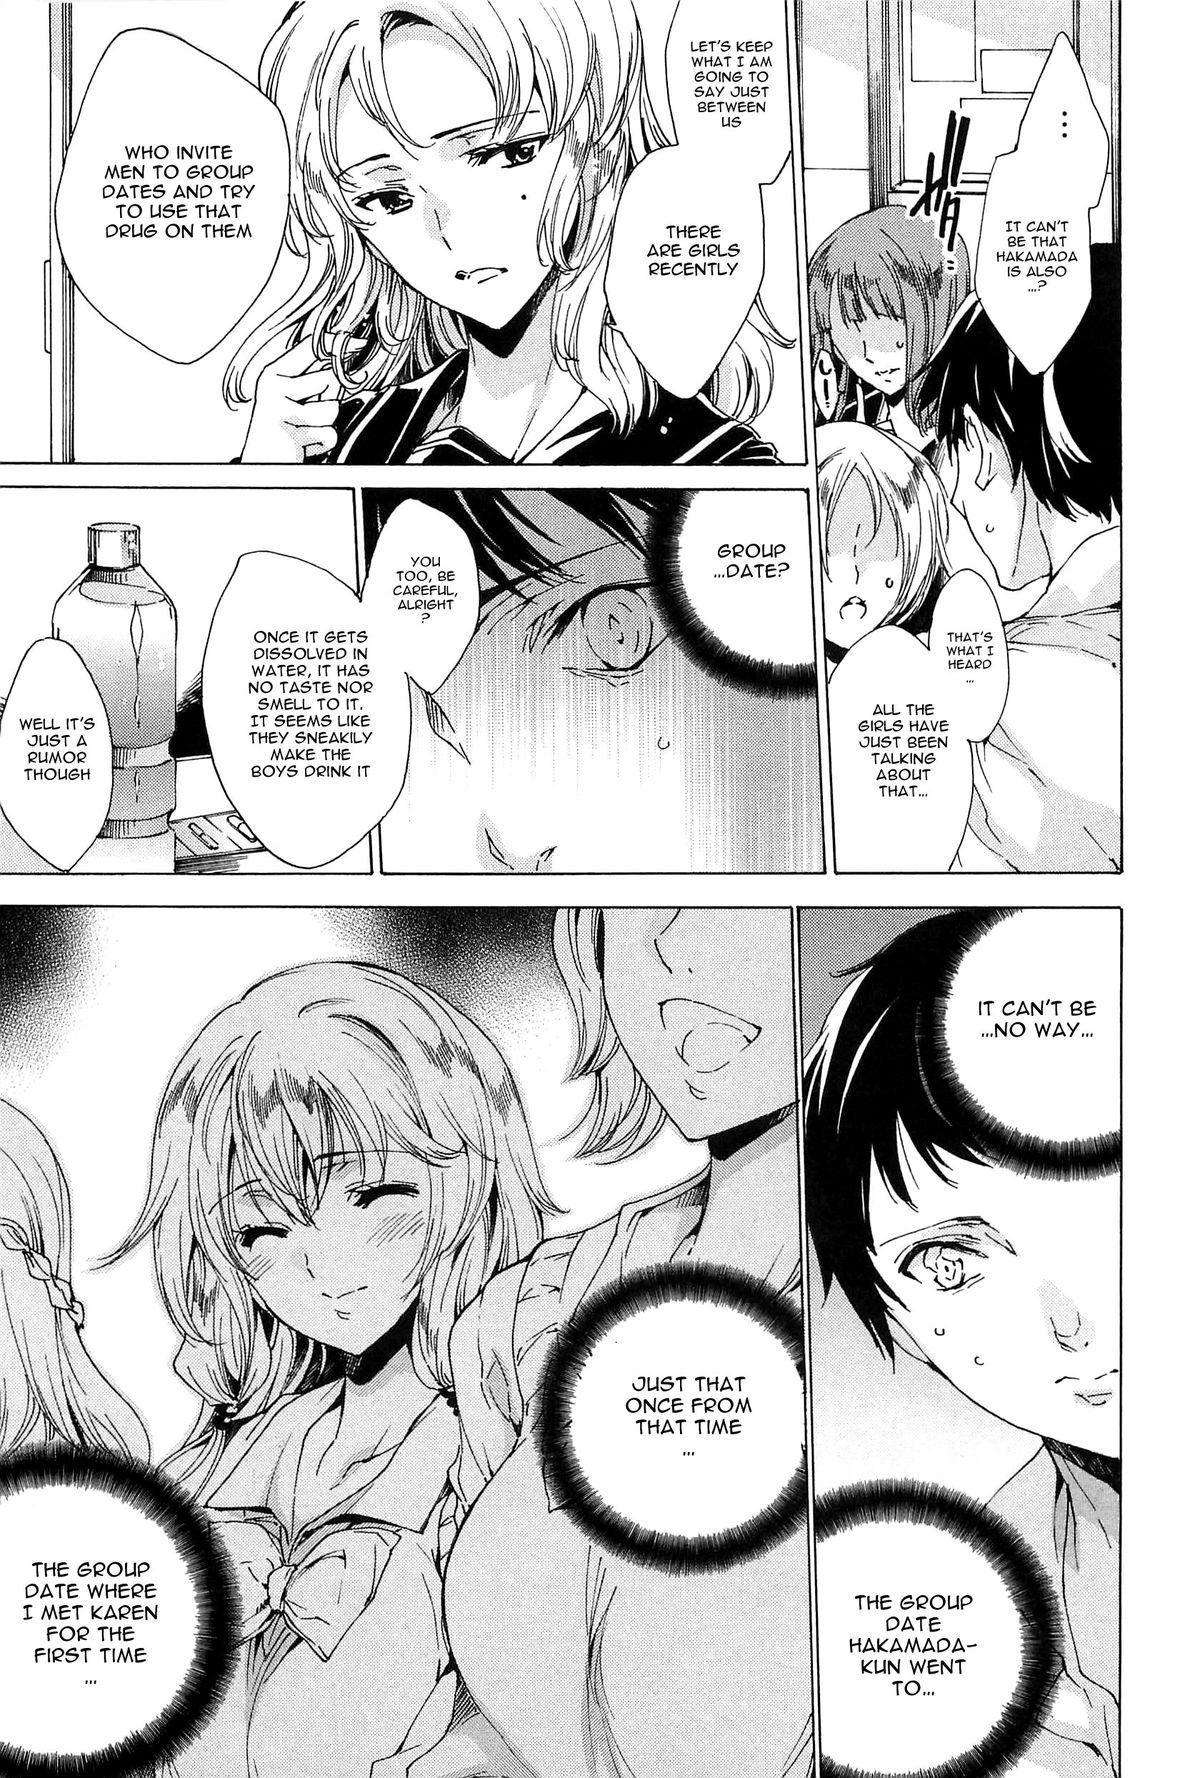 [Yuiga Naoha] Nikuyoku Rensa - NTR Kanojo   Chains of Lust - NTR Girlfriend [English] {doujin-moe.us} 98